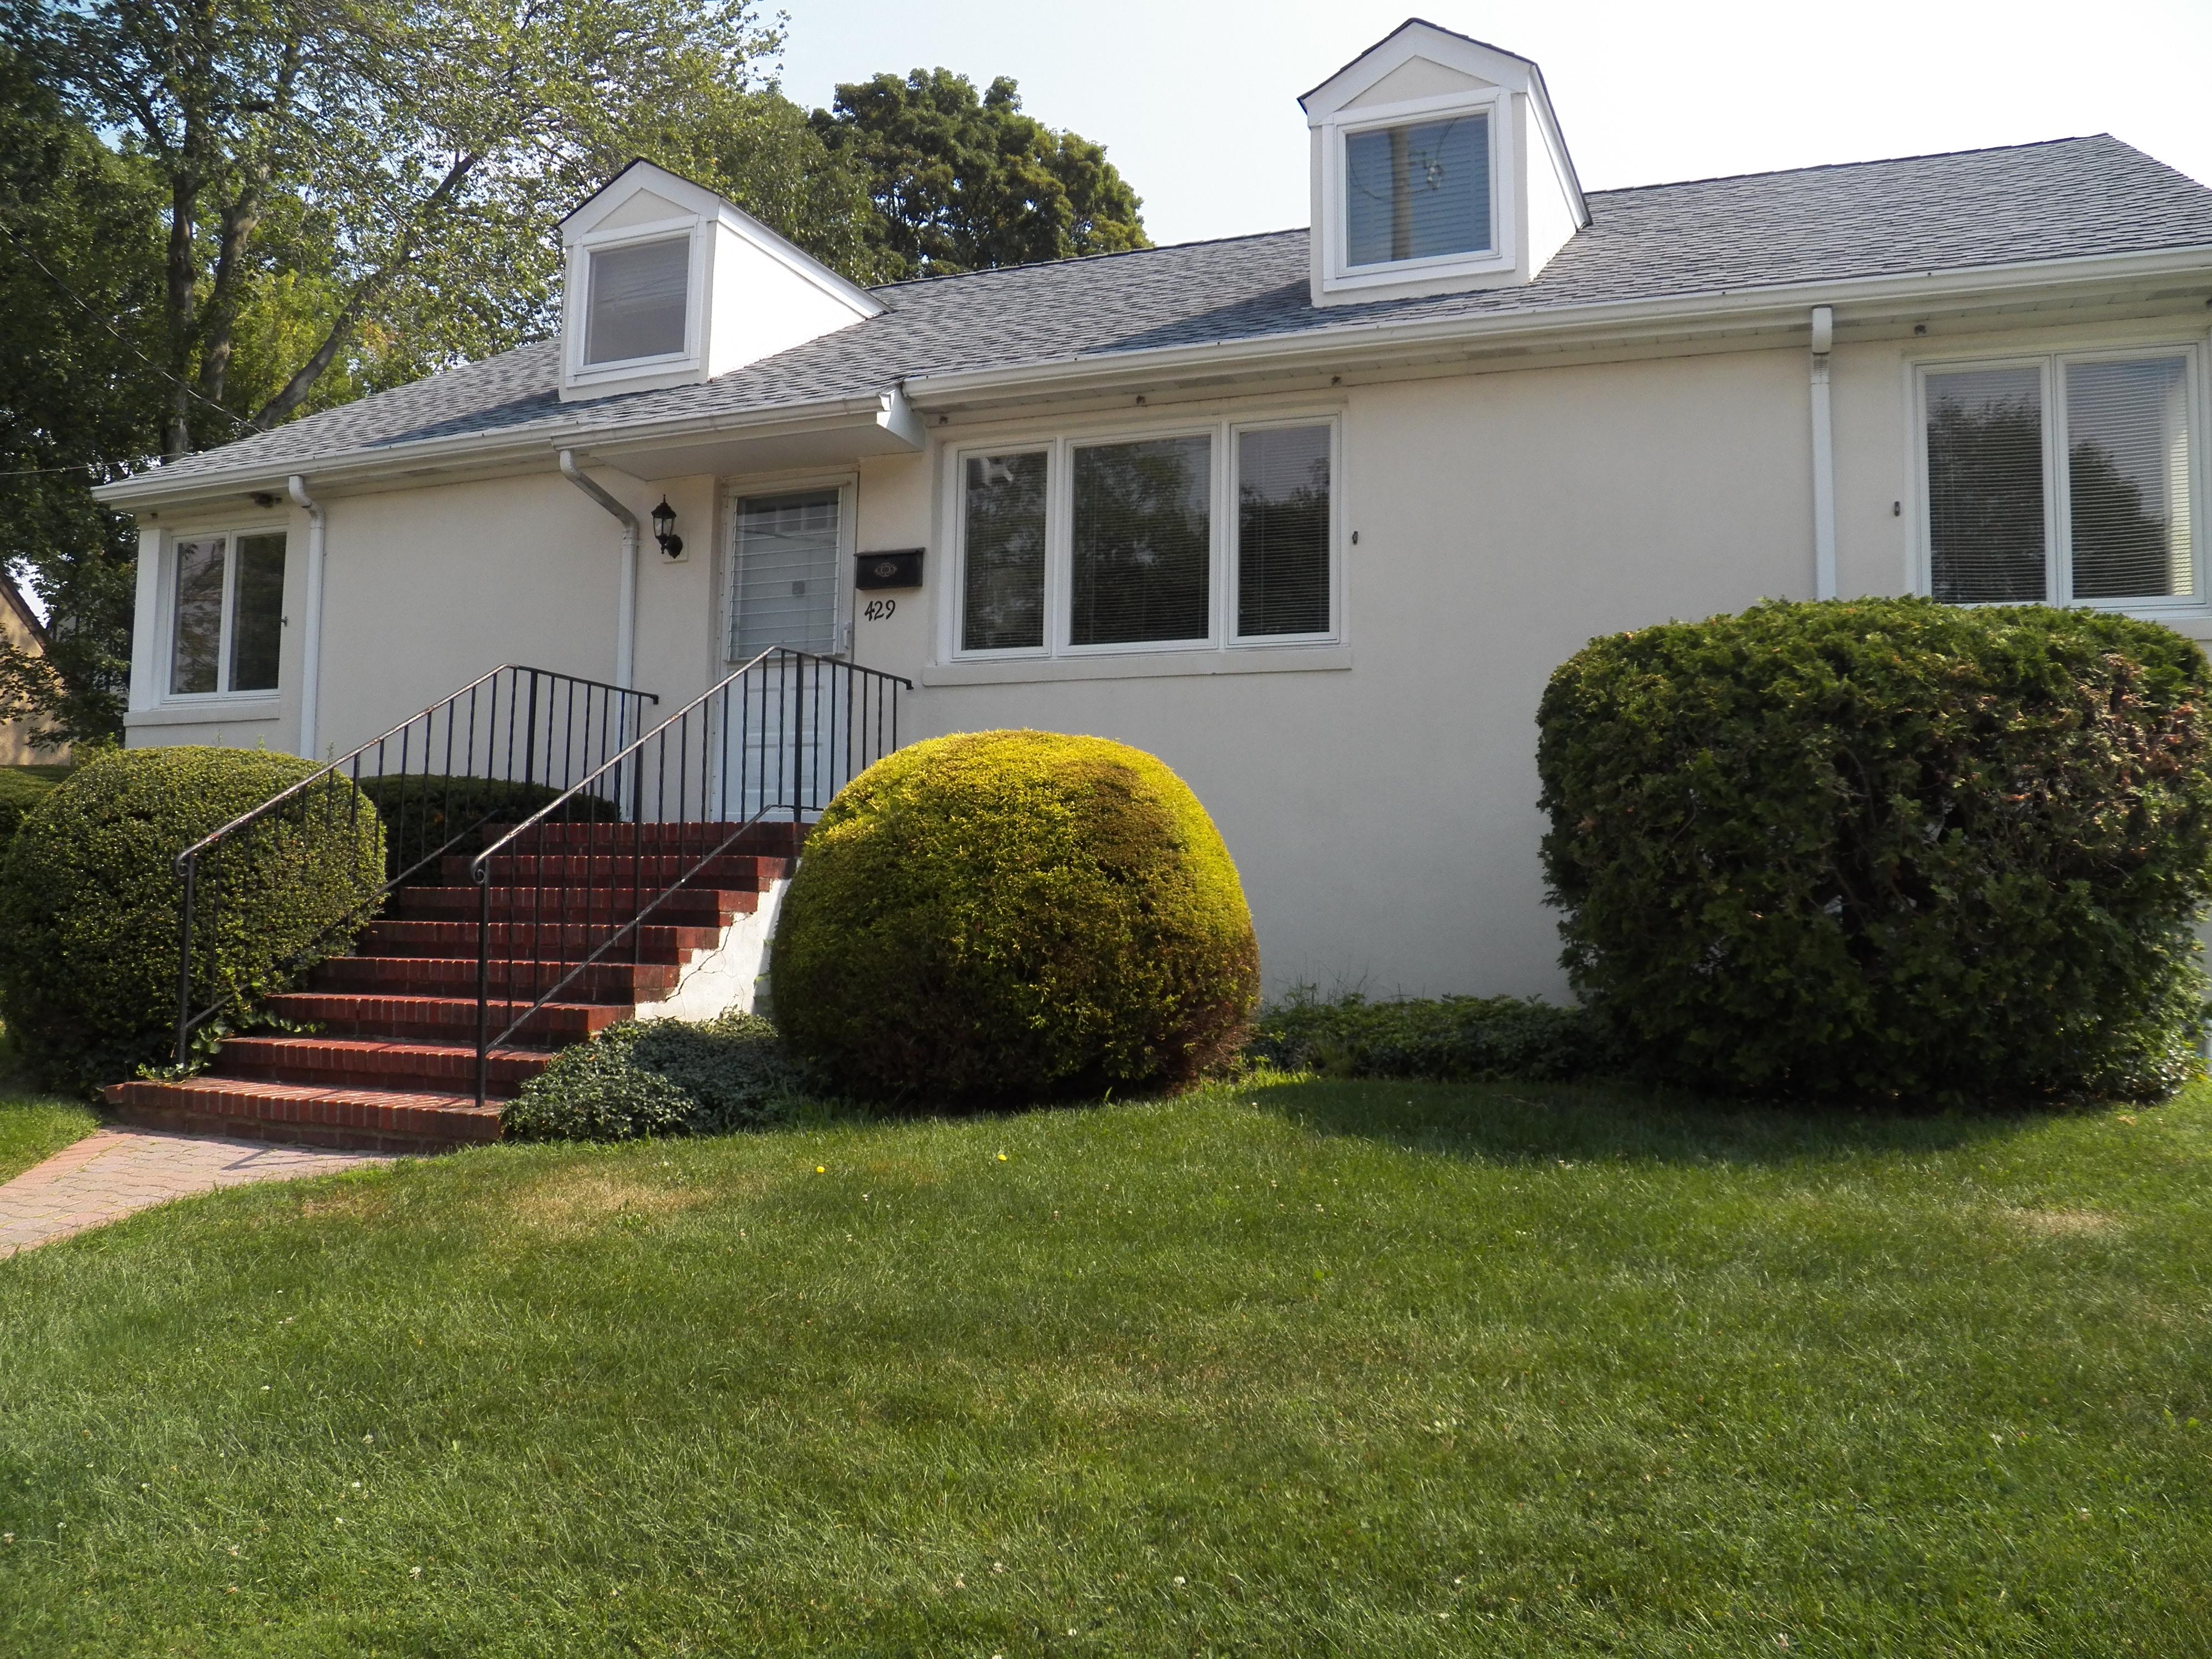 一戸建て のために 売買 アット Lovely Port Chester Home 429 Glen Avenue Port Chester, ニューヨーク 10573 アメリカ合衆国